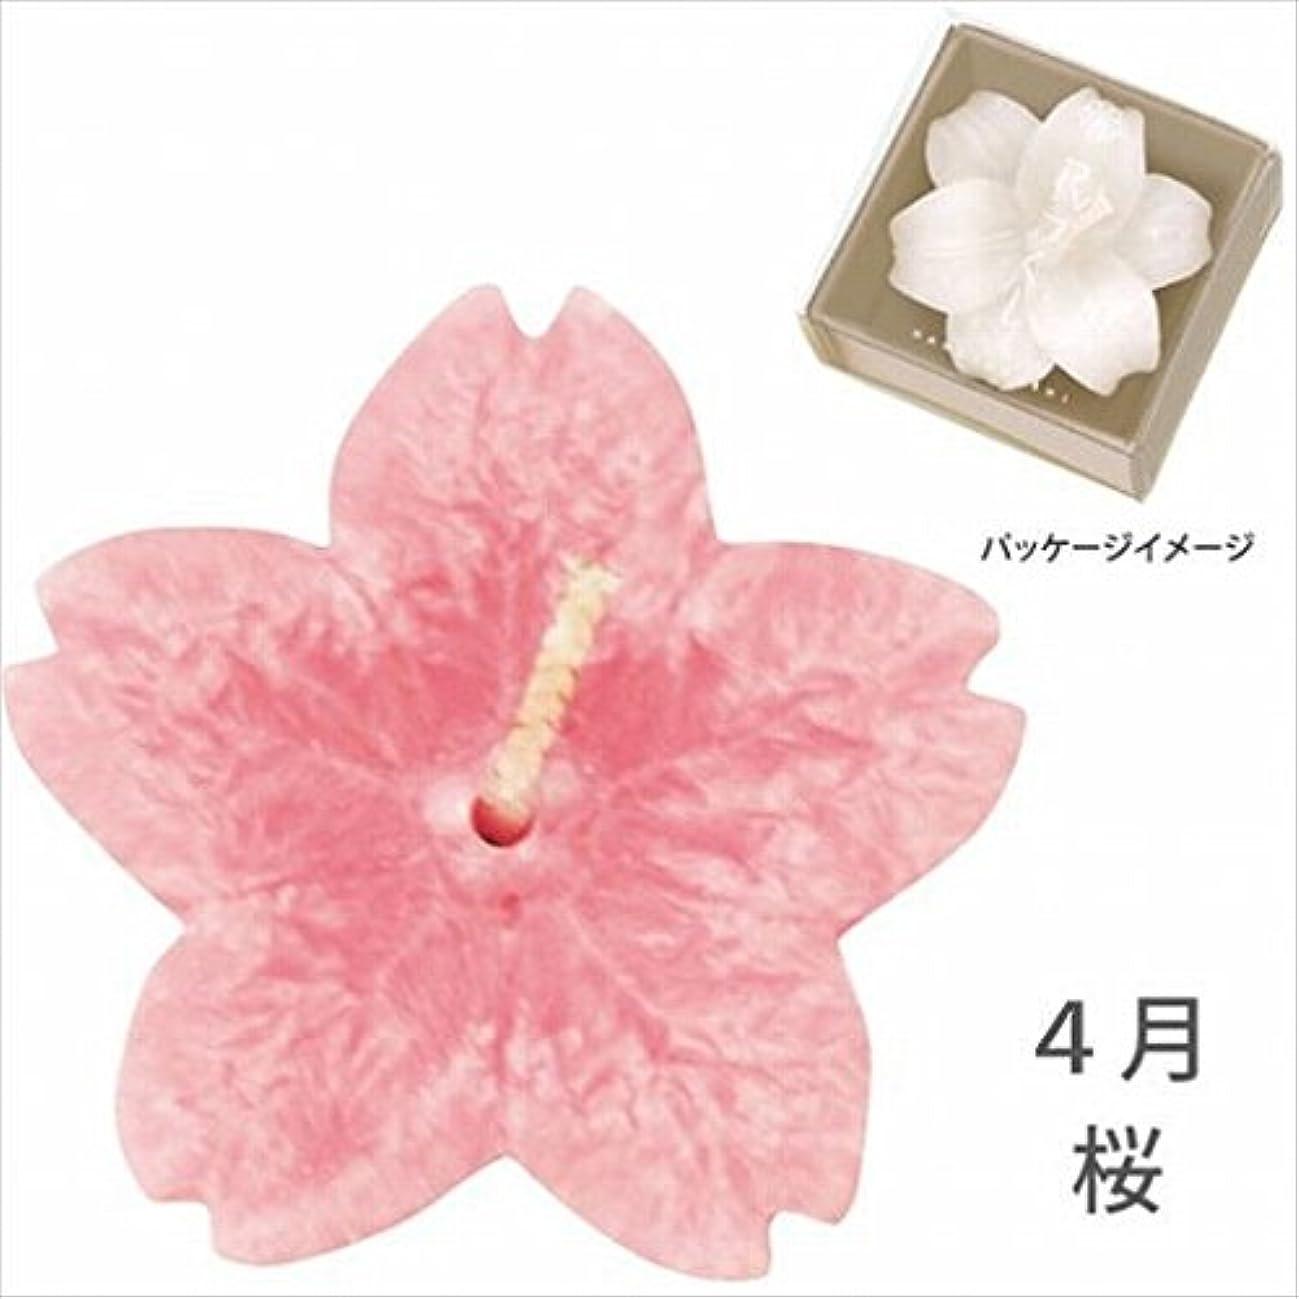 喉が渇いたケントやめるカメヤマキャンドル(kameyama candle) 花づくし(植物性) 桜 「 桜(4月) 」 キャンドル